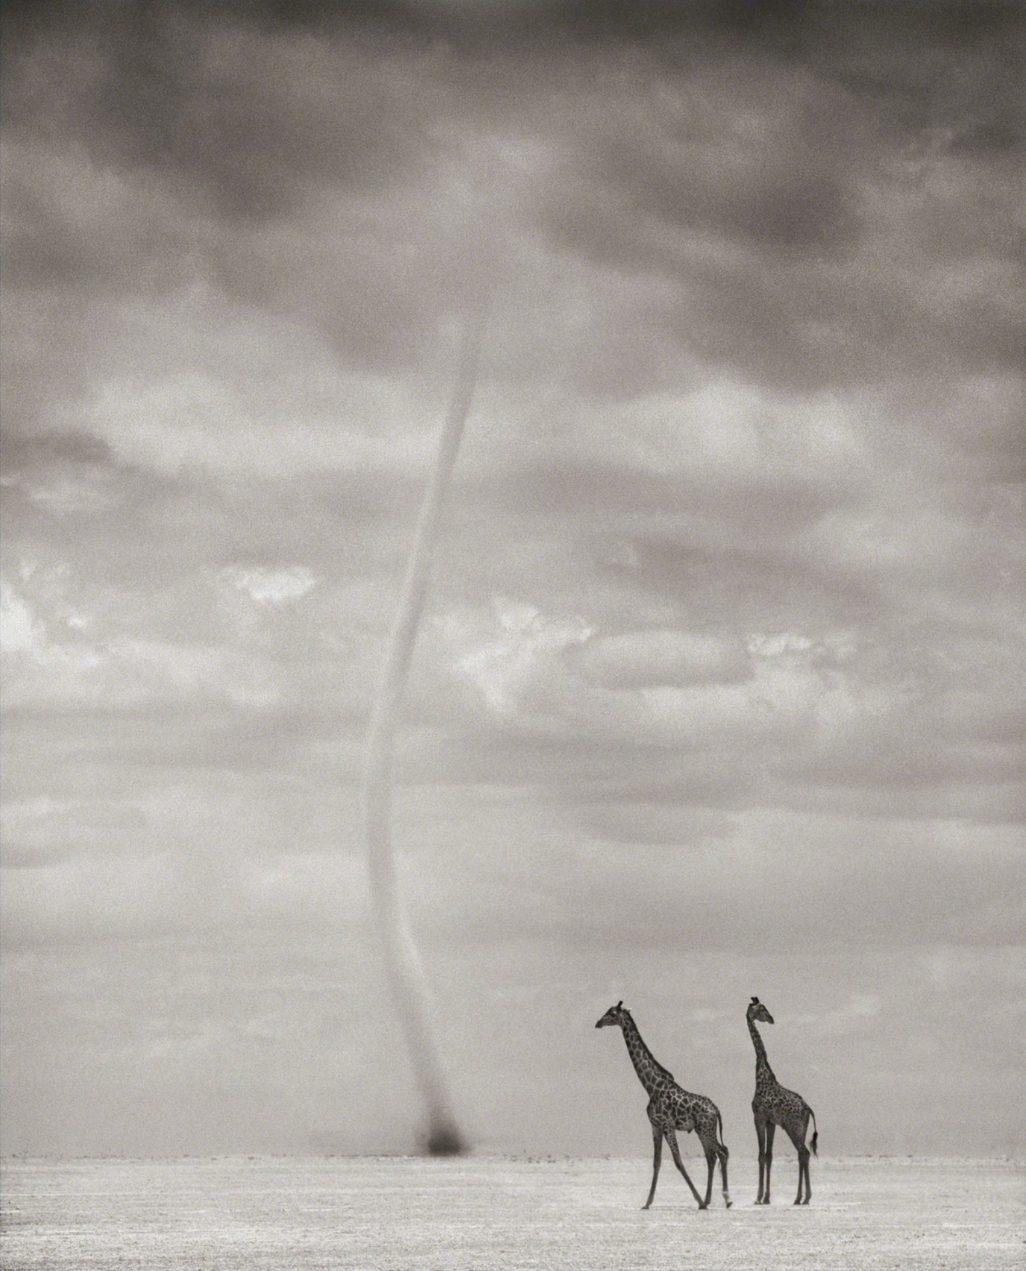 Giraffes in Dust Devil, Amboseli